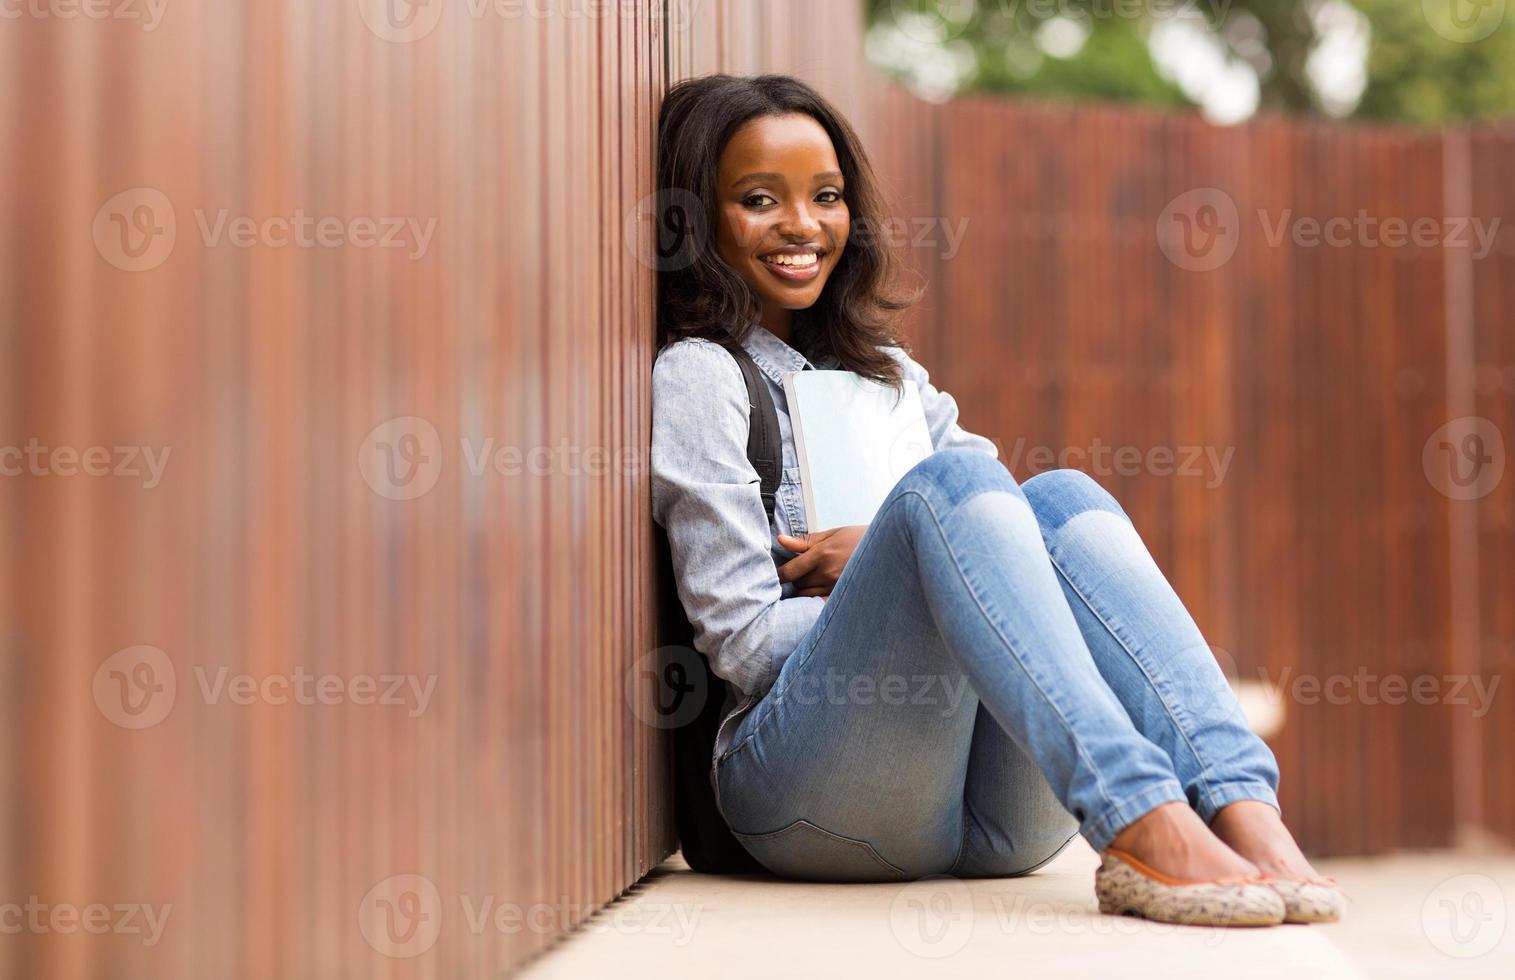 afrikanisches College-Mädchen, das auf dem Boden sitzt foto